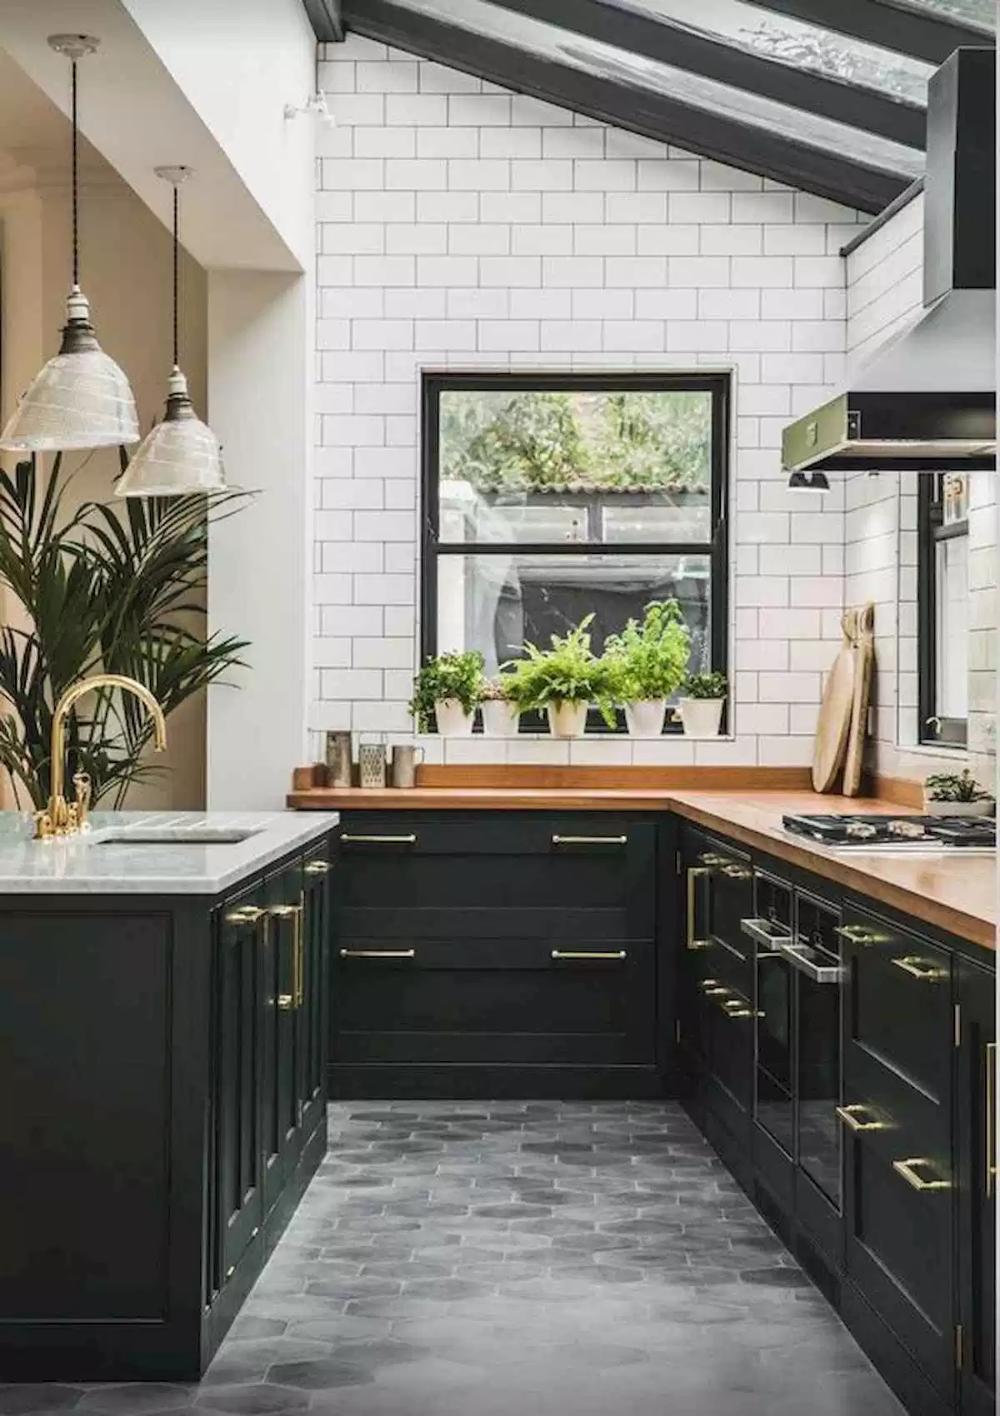 50 Best Kitchen Cabinets Design Ideas To Inspiring Your Kitchen 28 Coachdecor Com Minimalist Kitchen Design Modern Kitchen Design Interior Design Kitchen